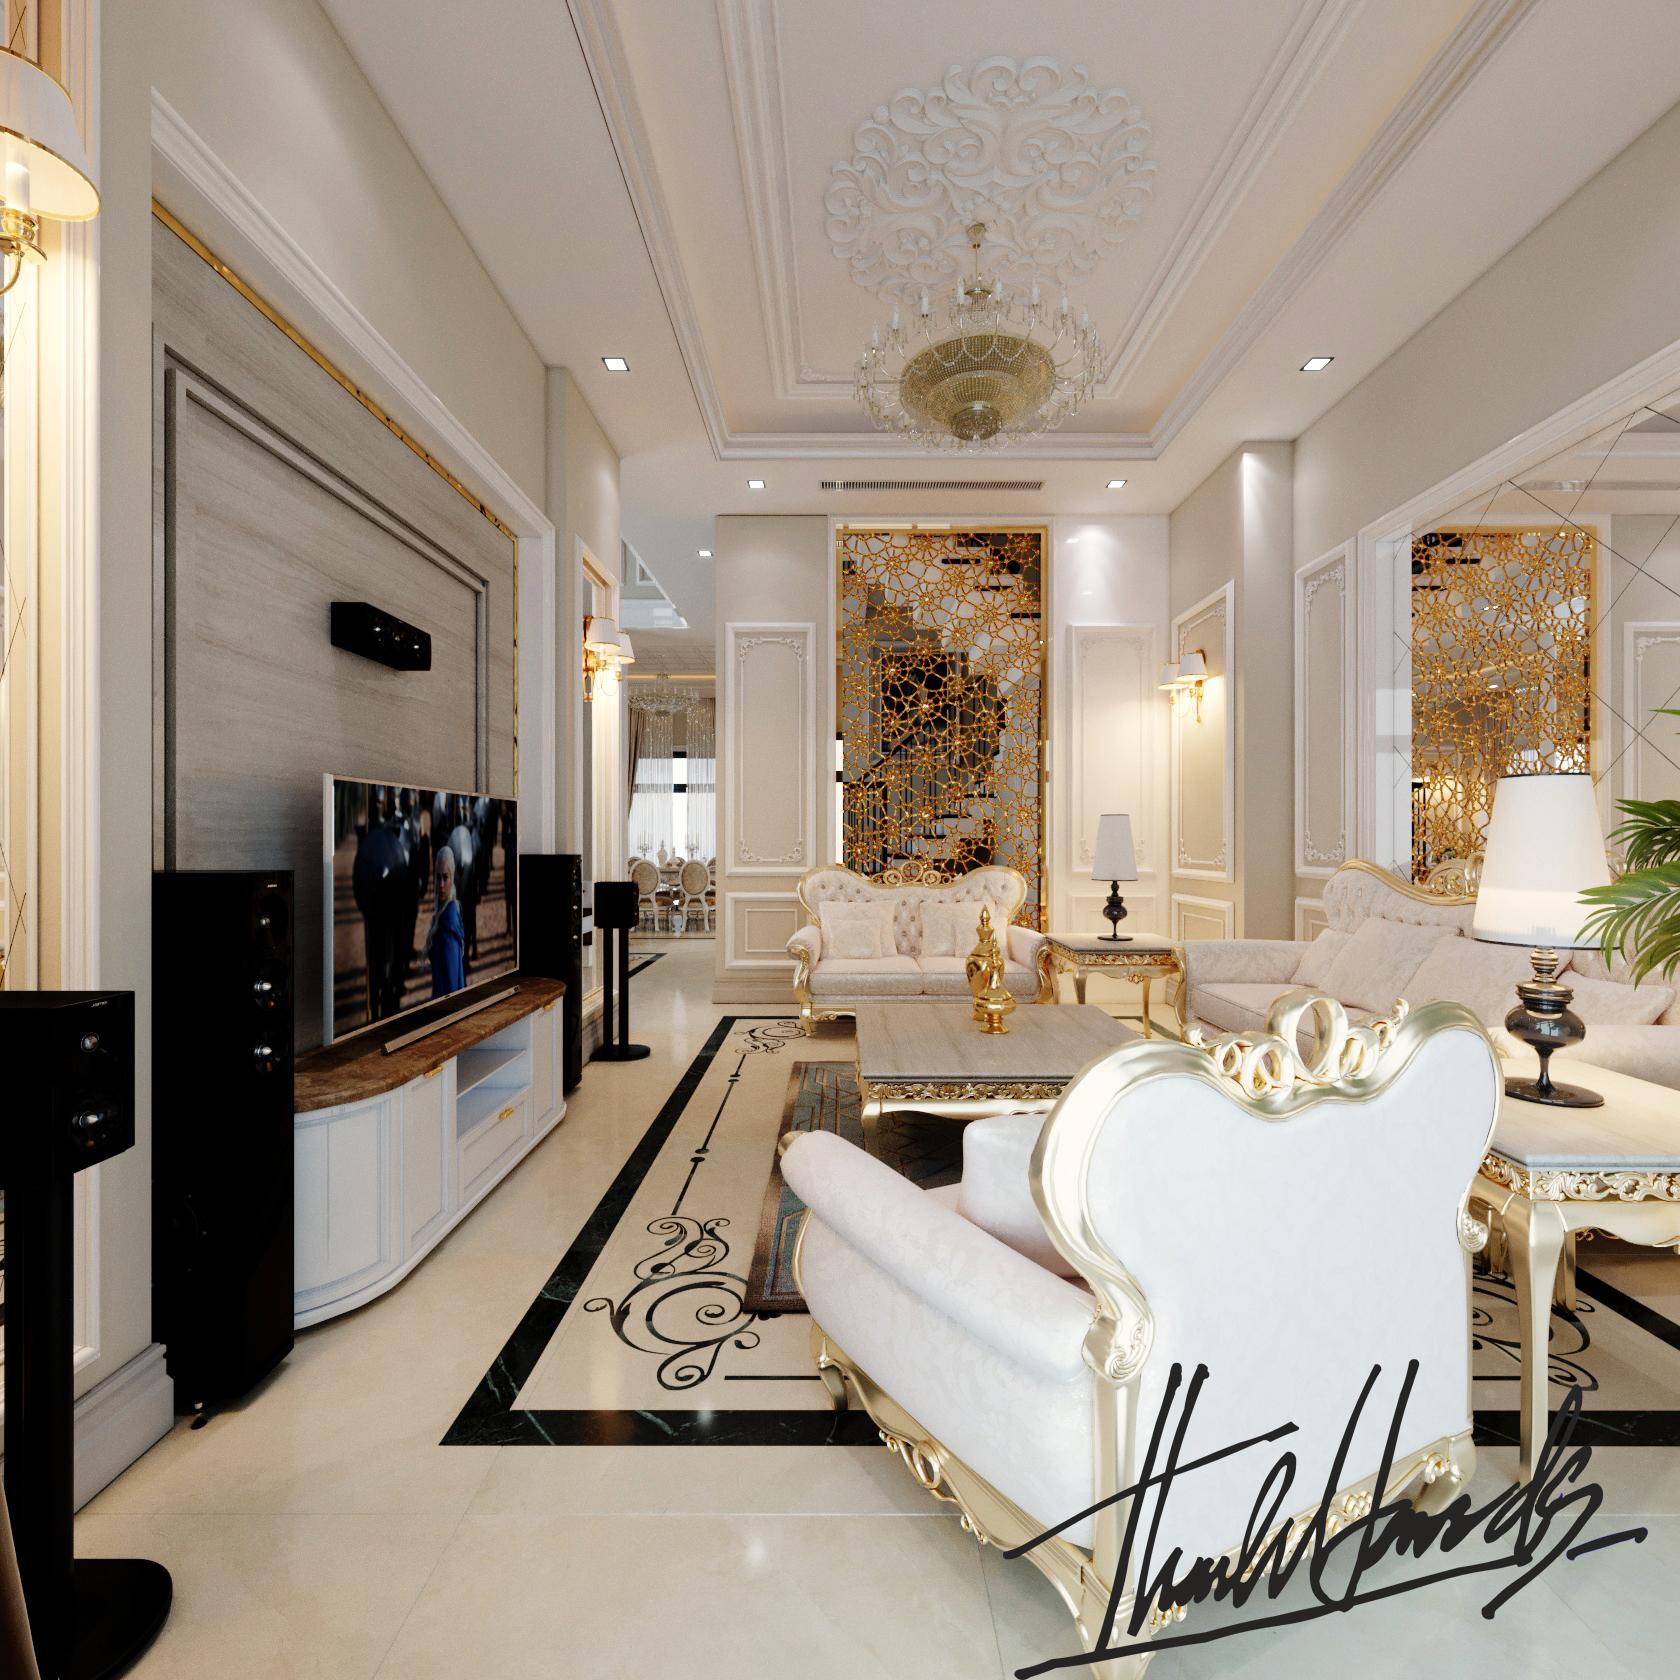 thiết kế nội thất Biệt Thự tại Hải Phòng Biệt thự Vinhomes - imperia ( khu MHT) 17 1568275628